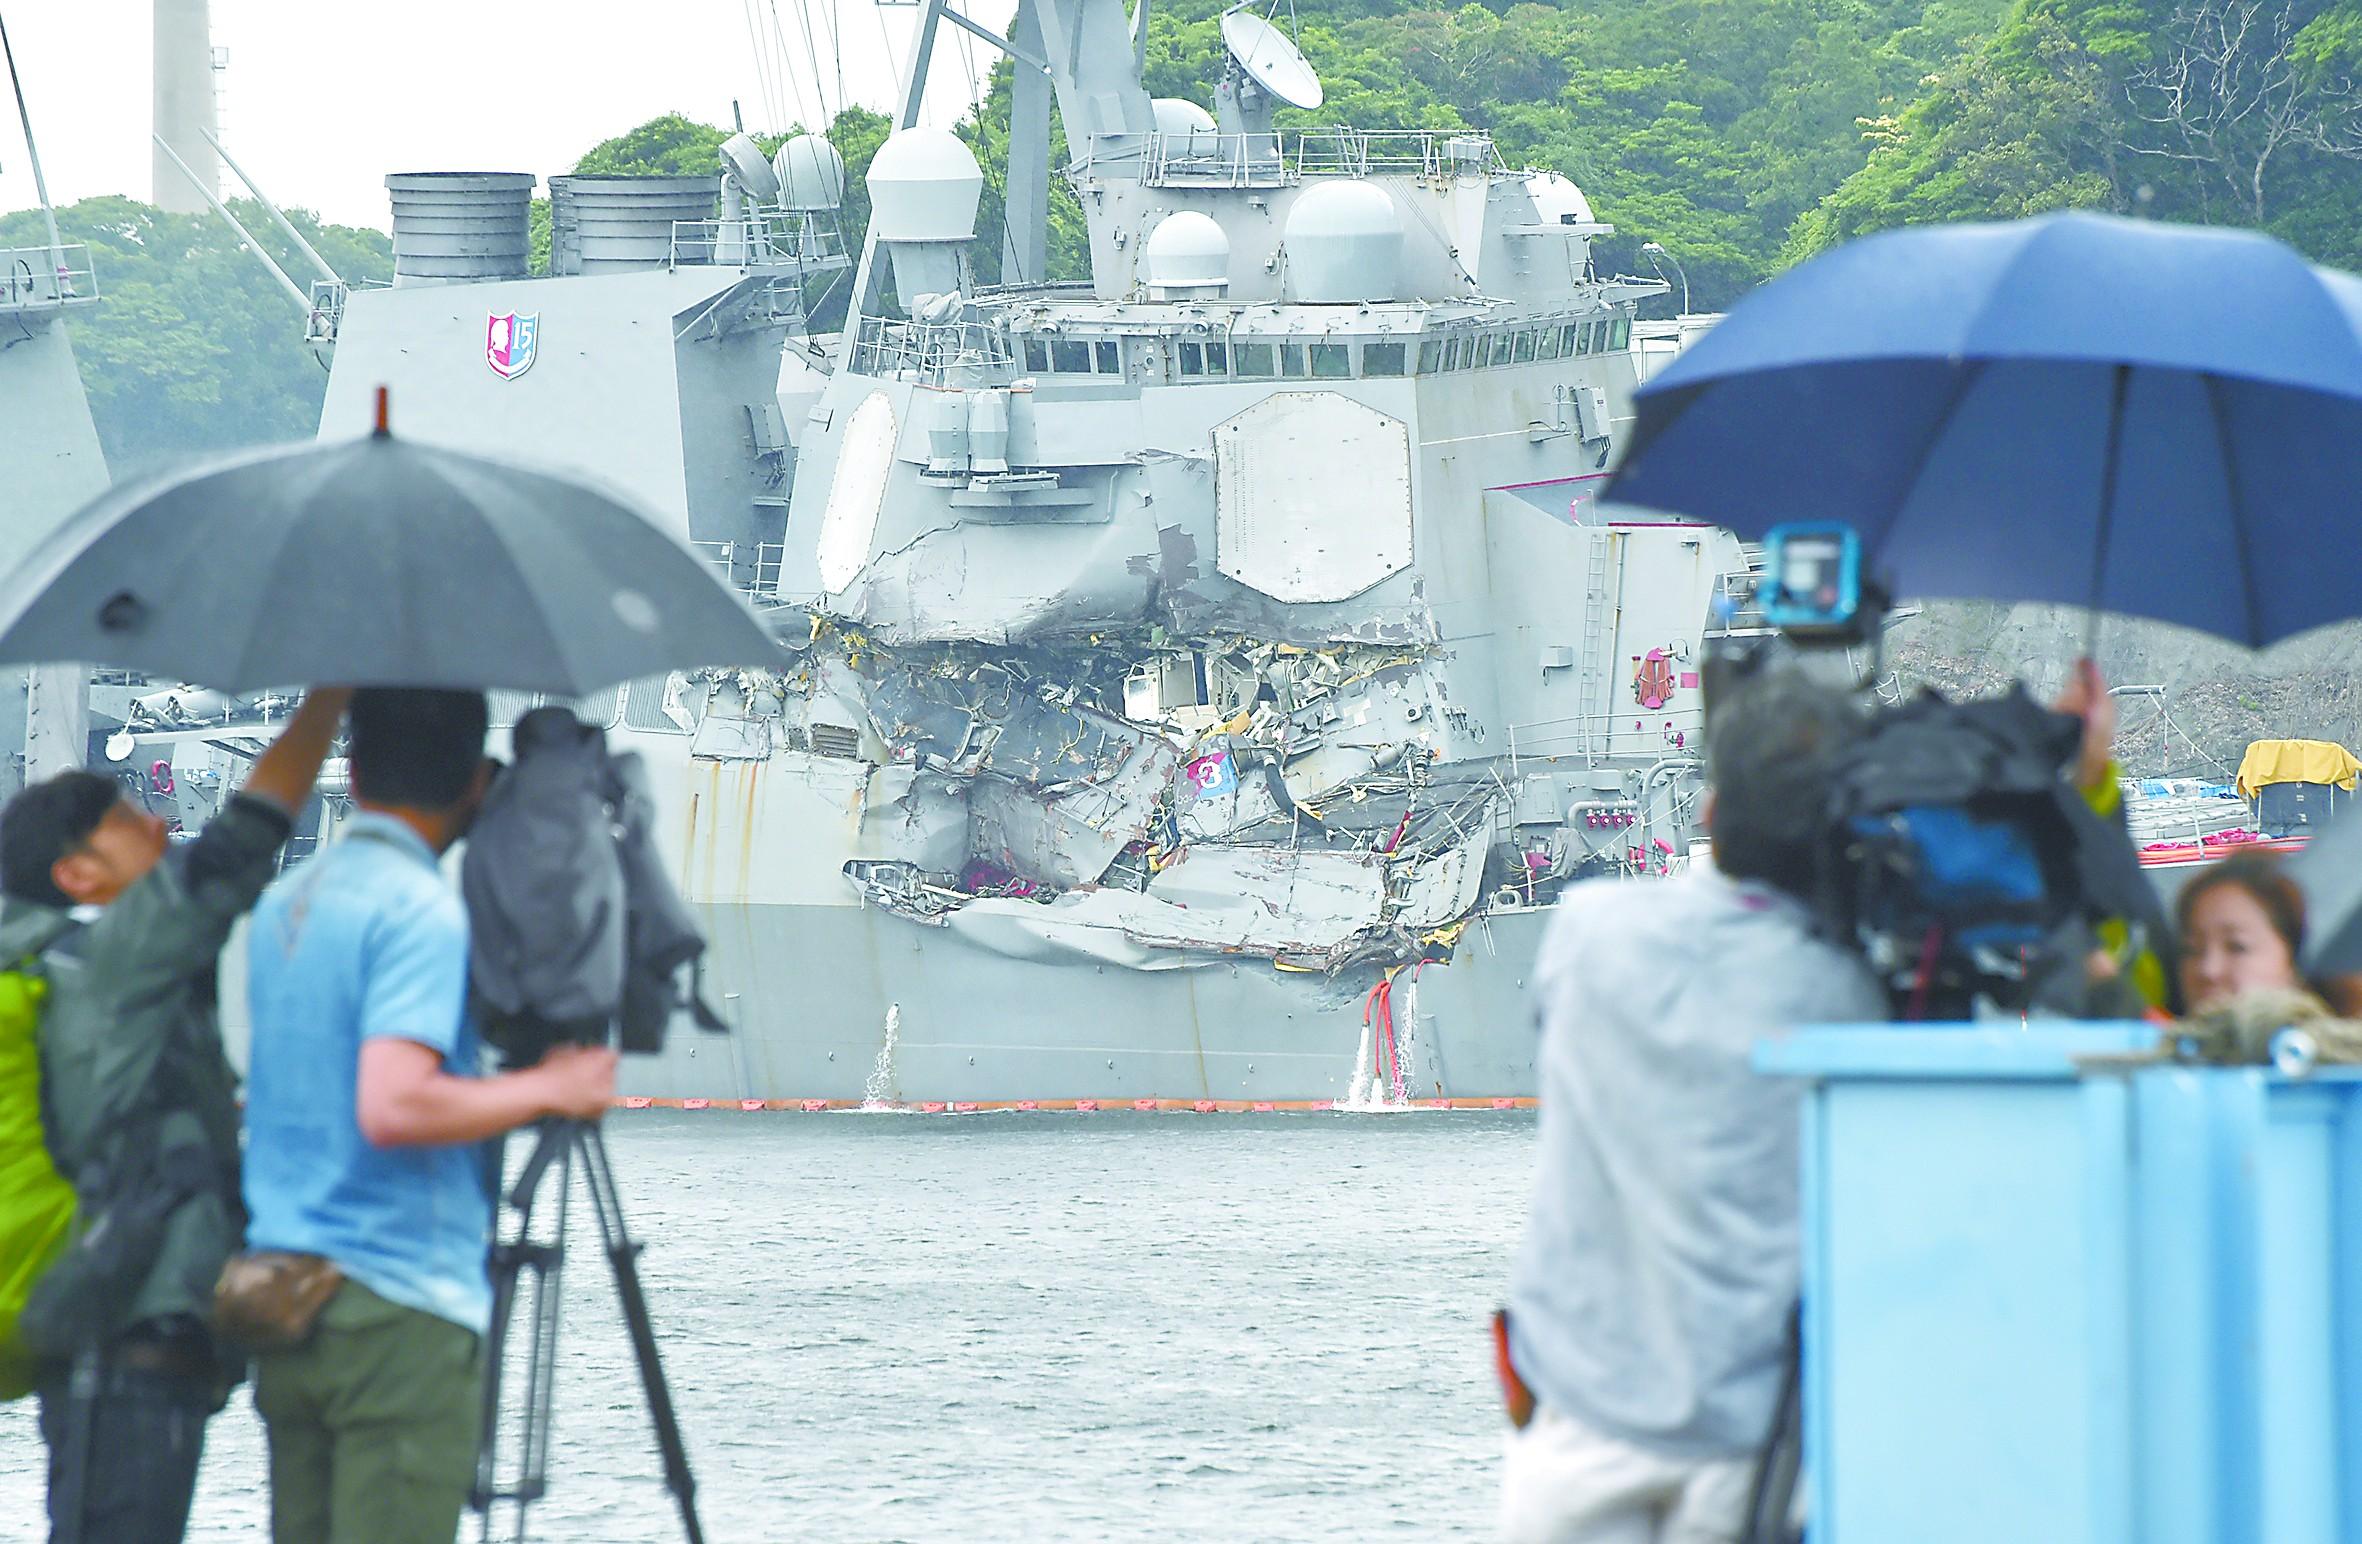 美军神盾舰被撞调查疑云重重 事故双方说法矛盾